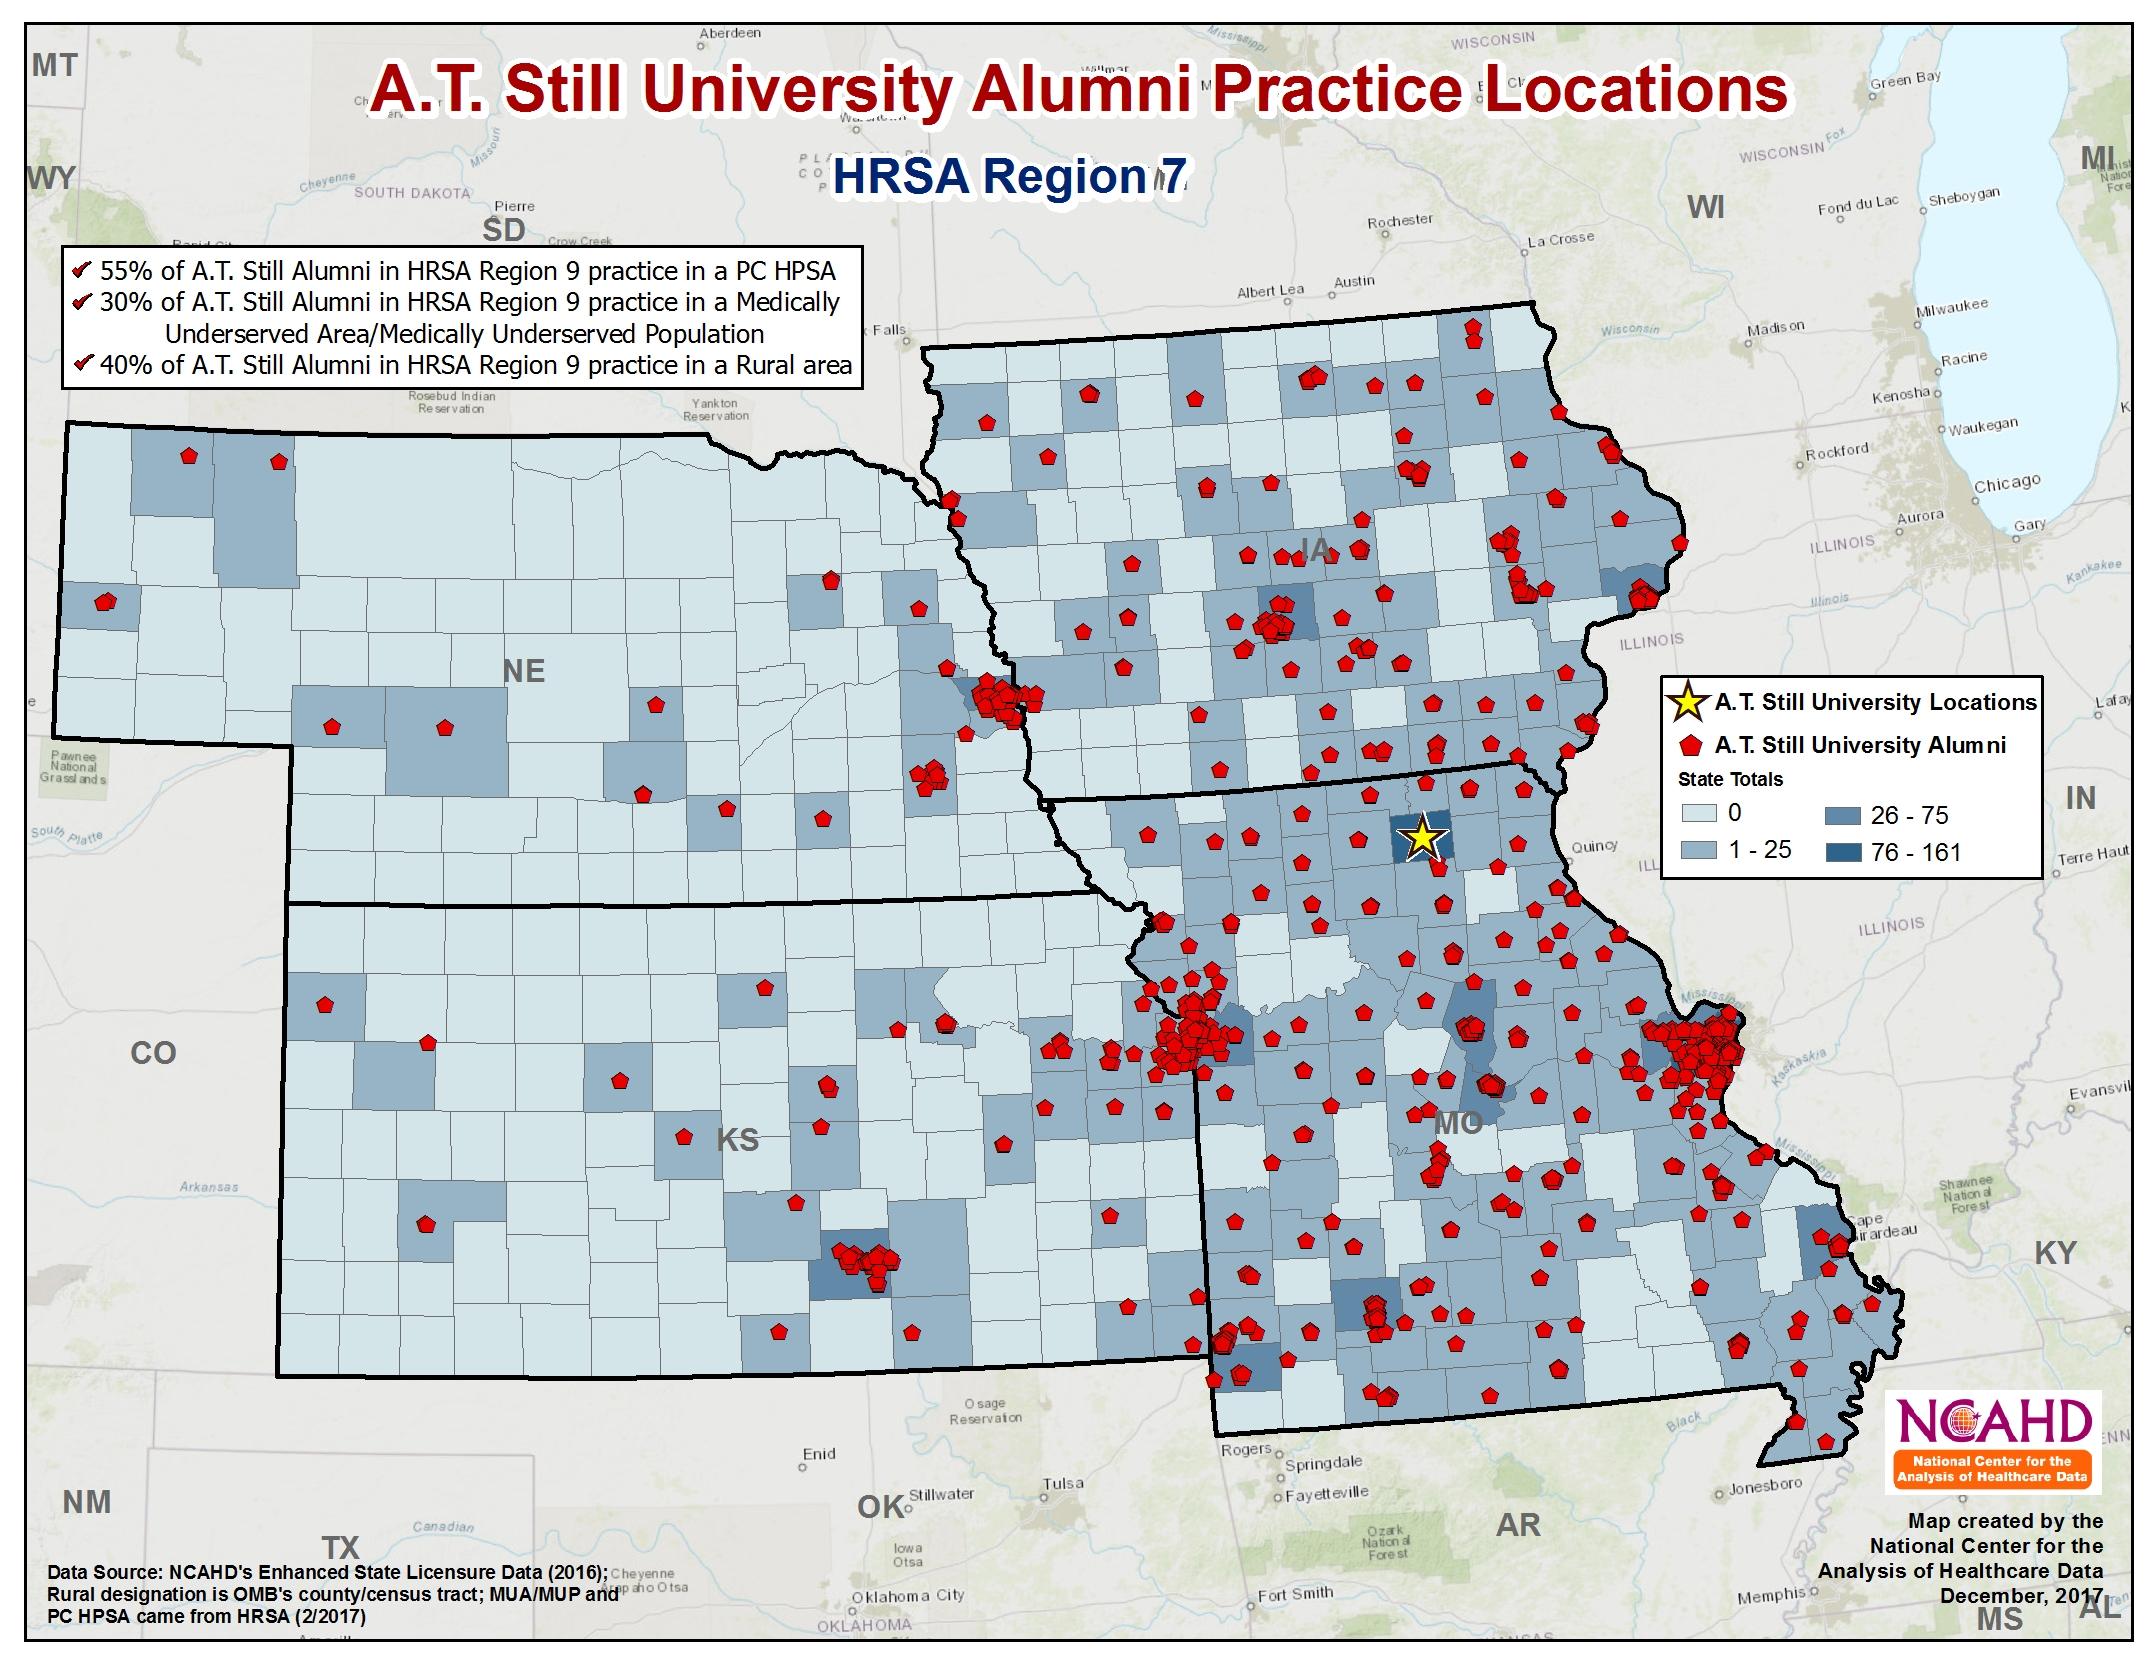 AT Still National Alumni Pracitce Locations HRSA Region 7